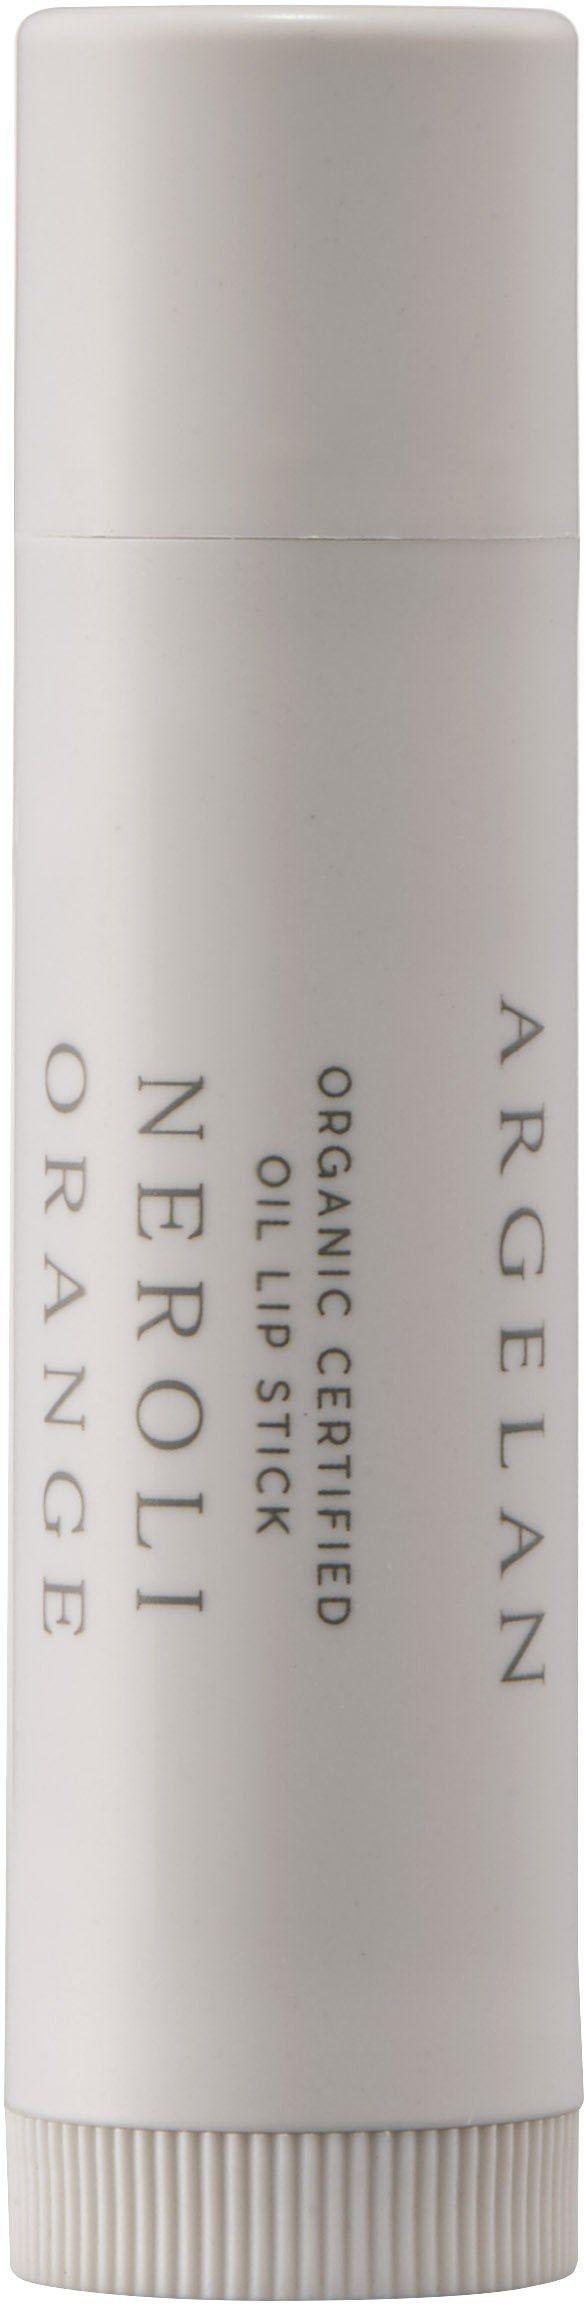 ARGELAN草本保濕植萃潤唇膏,售價178元。圖/松本清提供